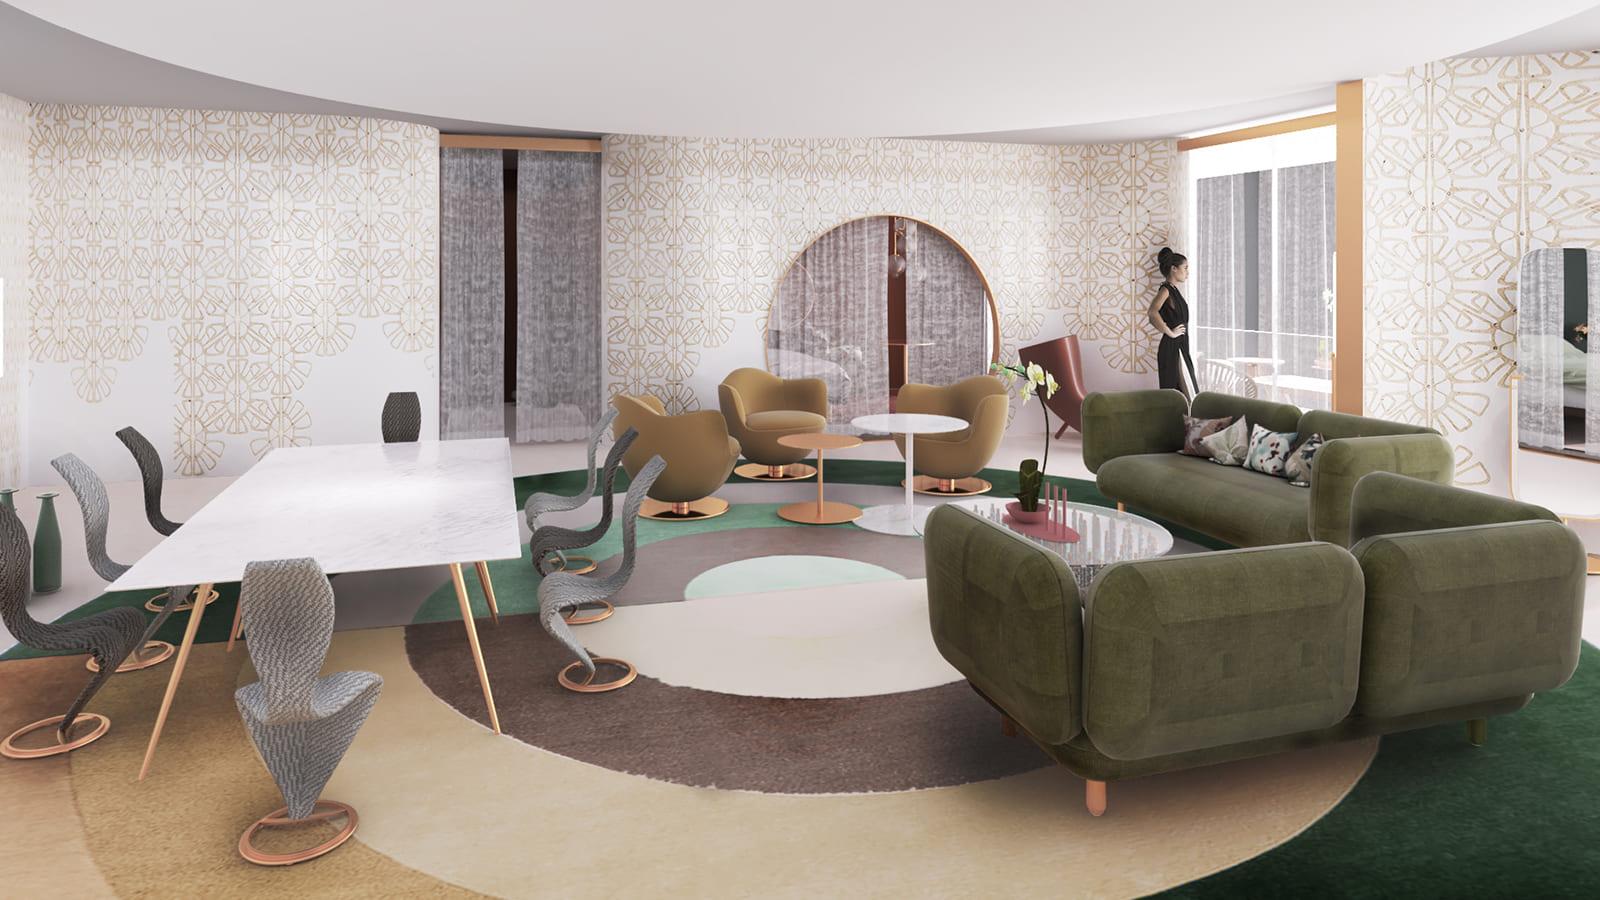 corsi con attestato, corsi certificati e riconosciuti e anche corsi di aggiornamento professionale. Contemporary Interior Design Interior Design Corsi Di Design Istituto Marangoni